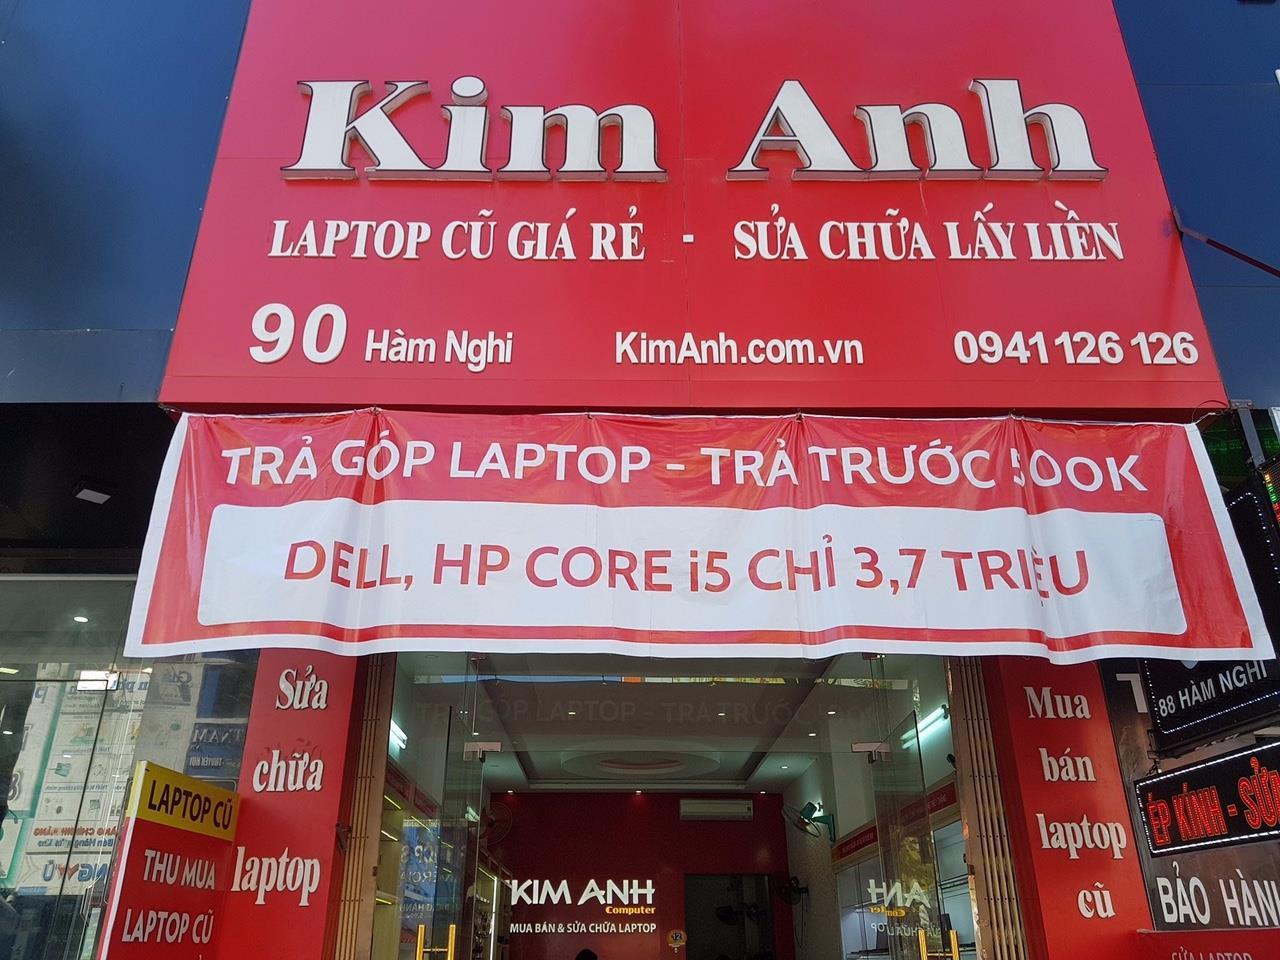 Kim Anh Computer - Địa chỉ sửa chữa Laptop uy tín hàng đầu tại Đà Nẵng - Ảnh 4.